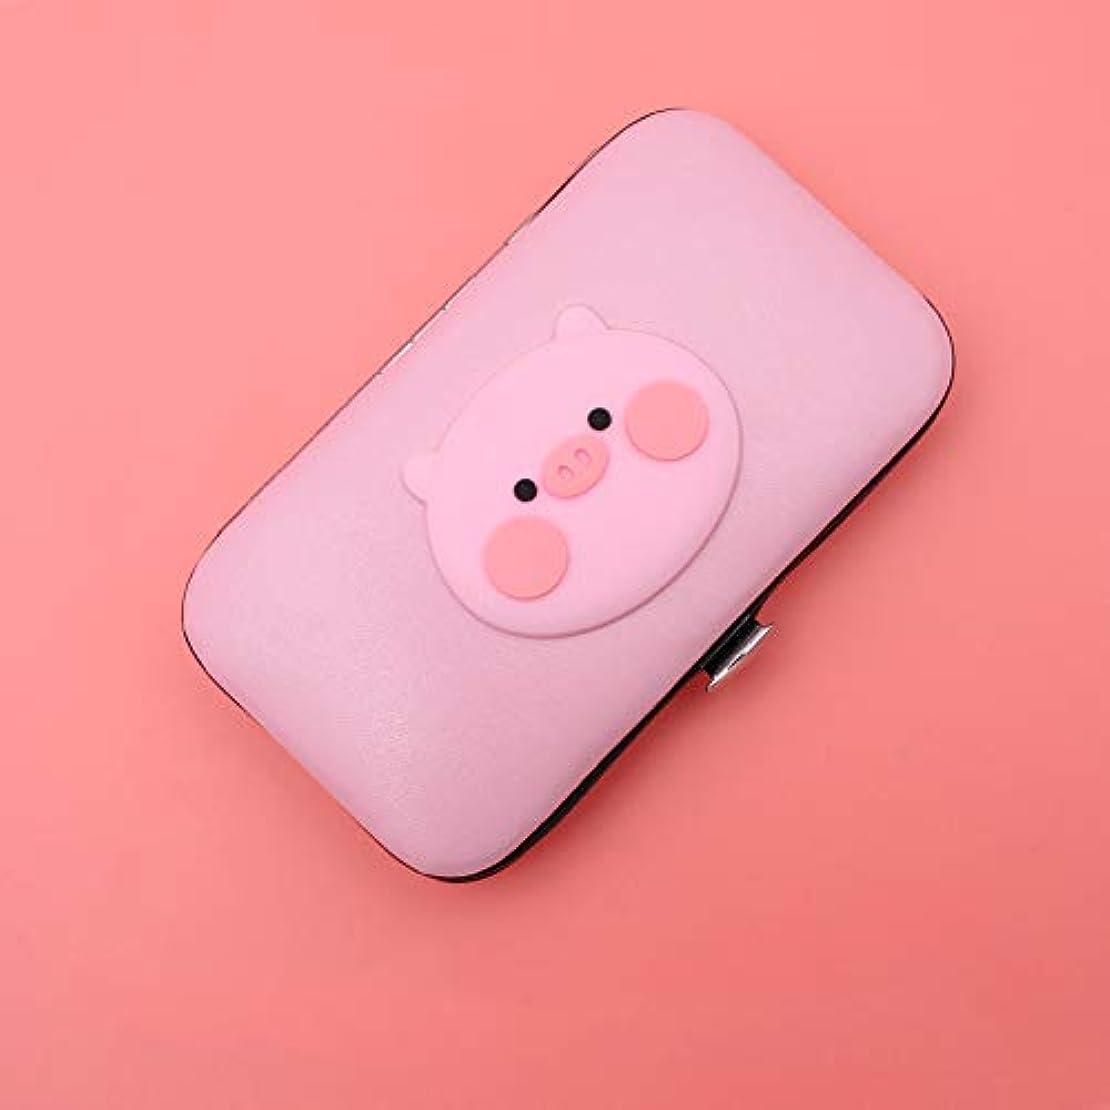 ジョットディボンドン細菌トラフィックネイルクリッパー7点セット、ネイルビューティーツールセット、女の子漫画ピンクの箱入りのためのマニキュアキット(貯金箱)